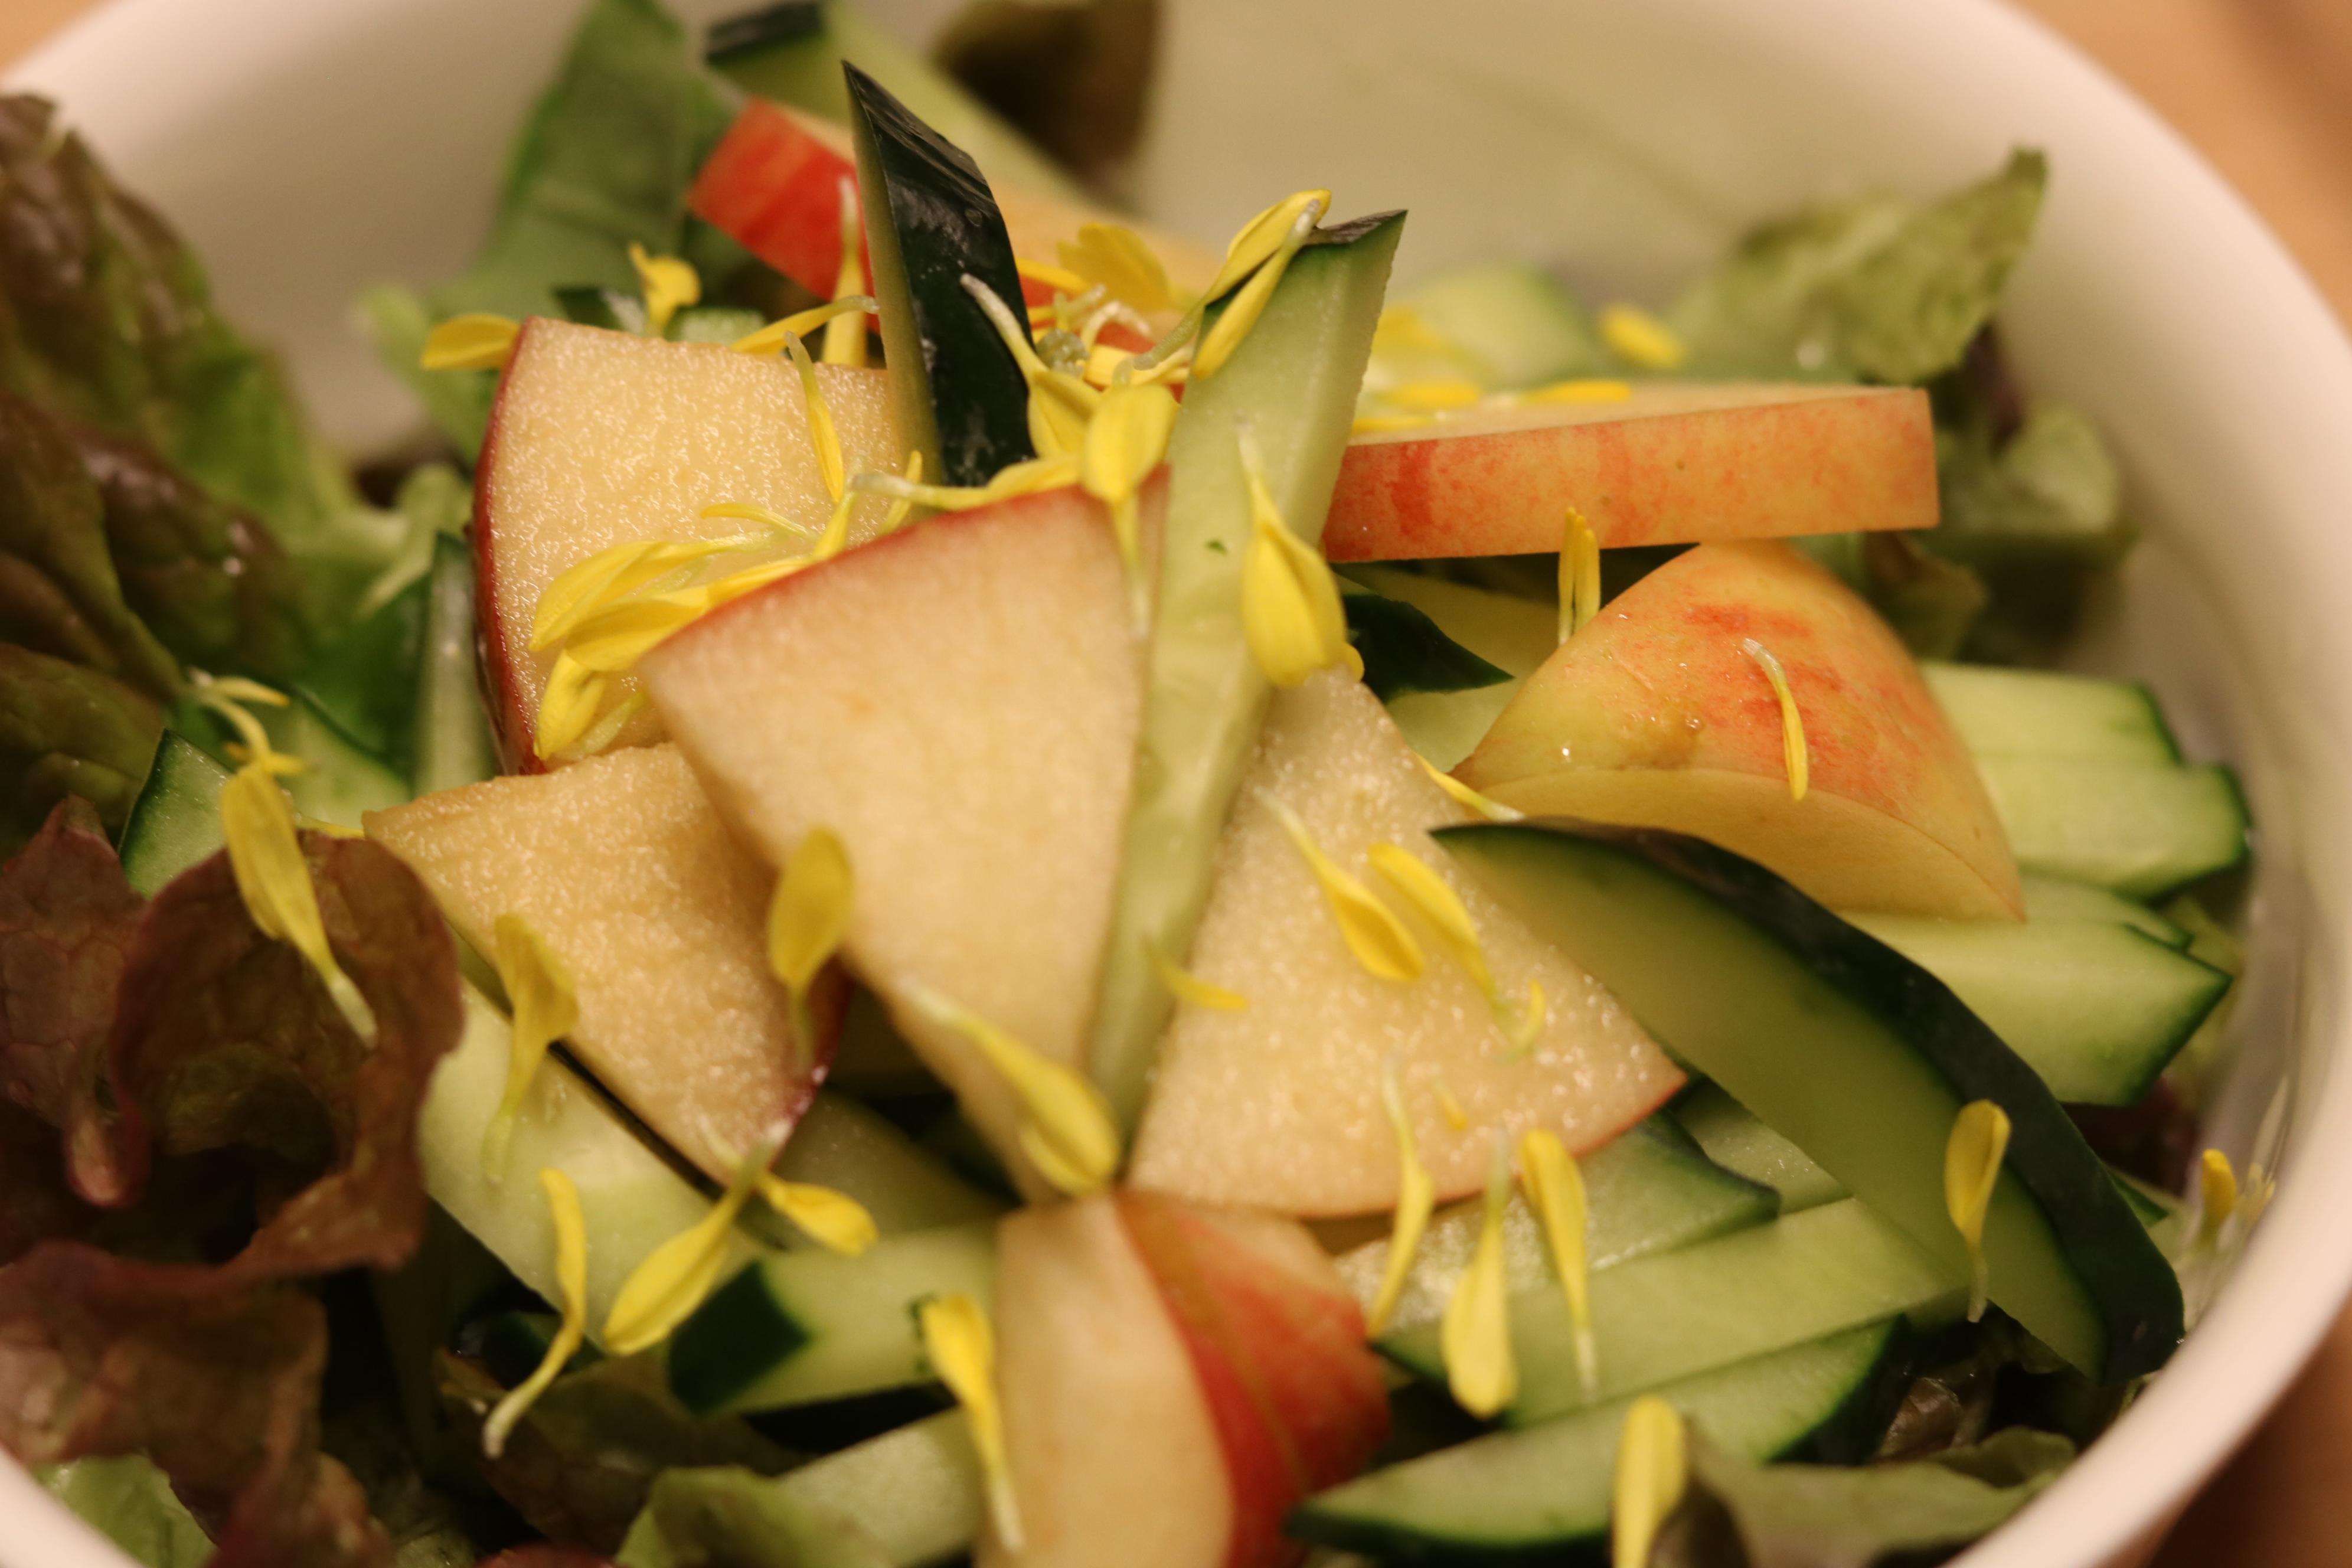 浮腫み改善の薬膳「りんごと胡瓜のサラダ」